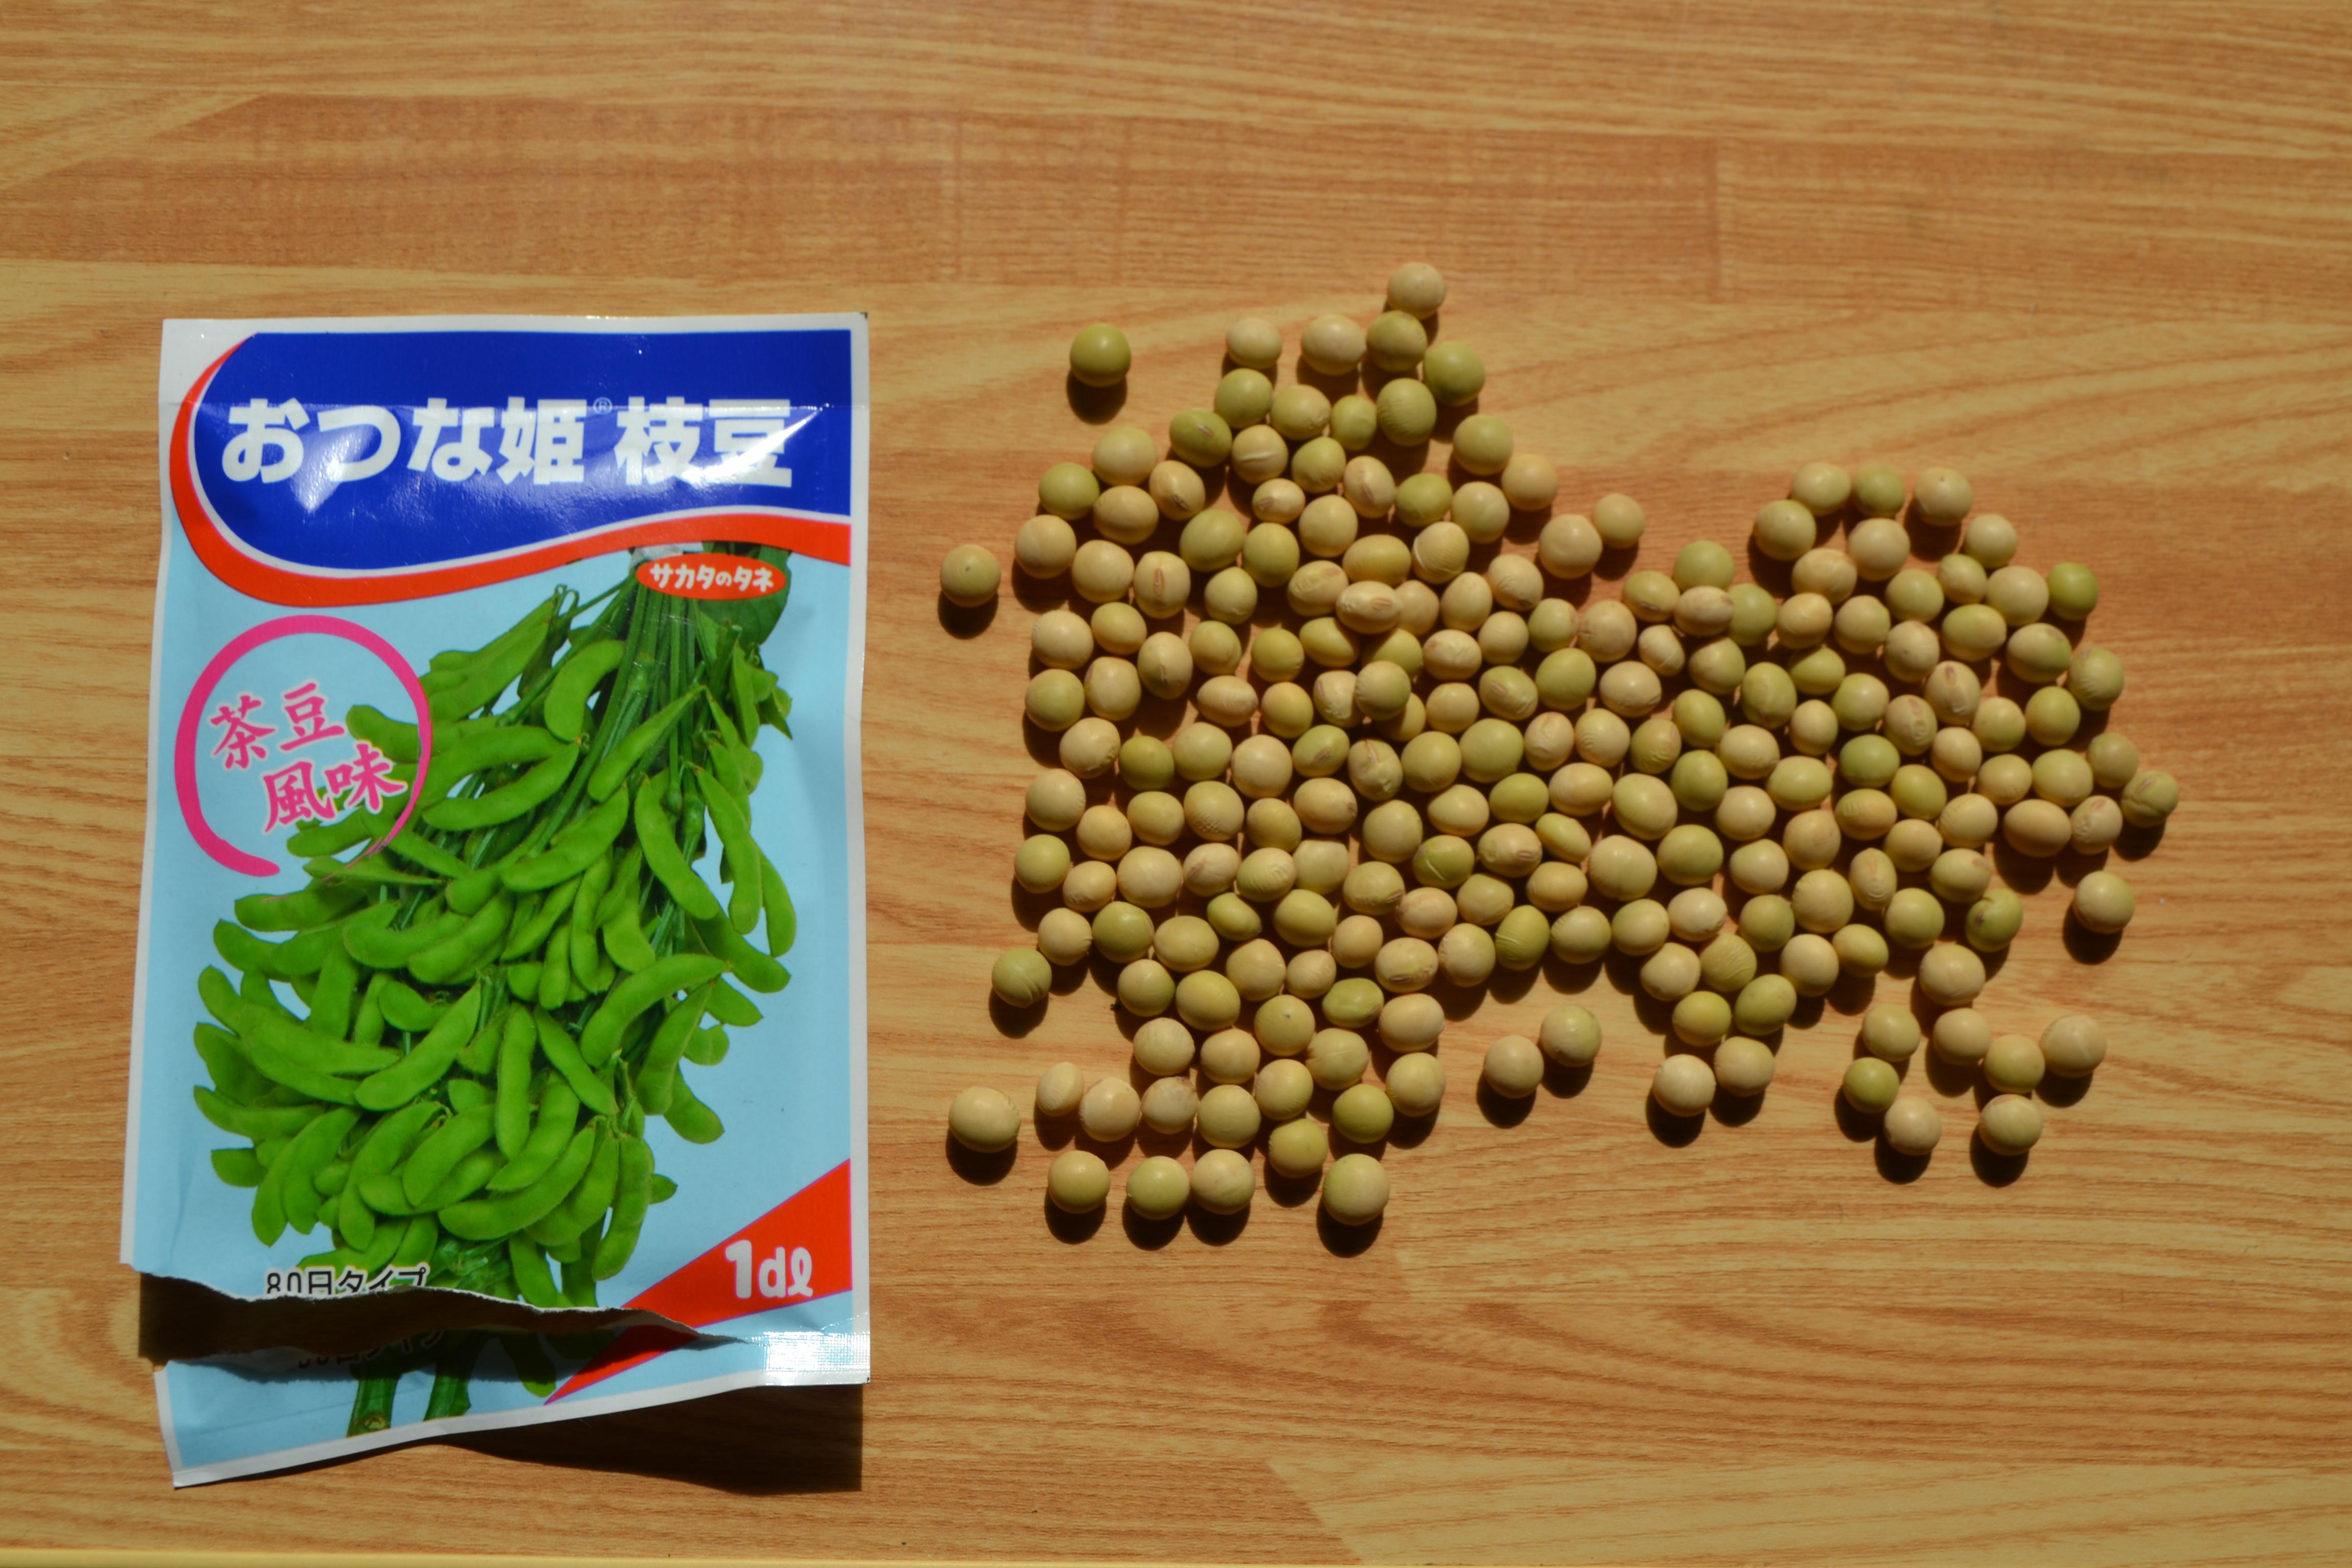 大豆1デシリットルは何粒か?